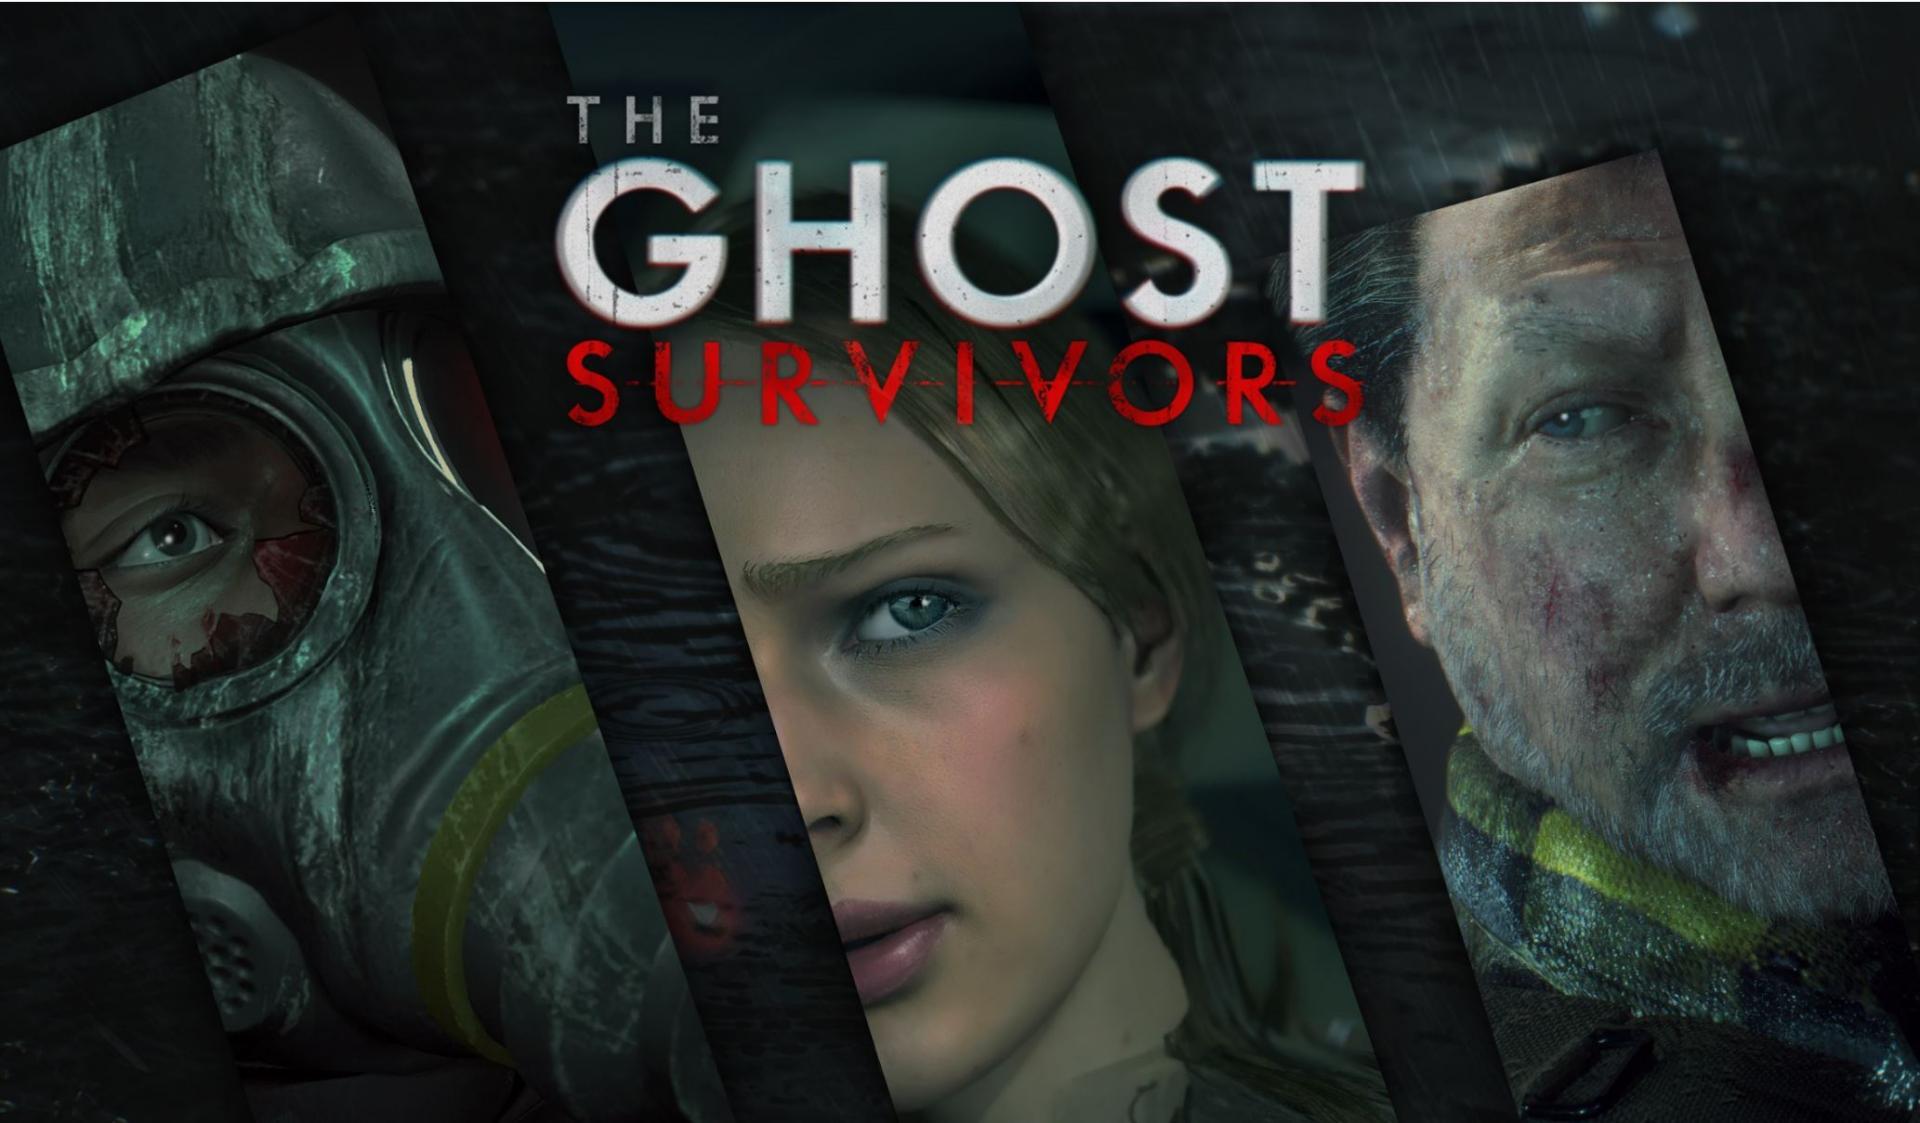 Вышло бесплатное обновление The Ghost Survivors для Resident Evil 2